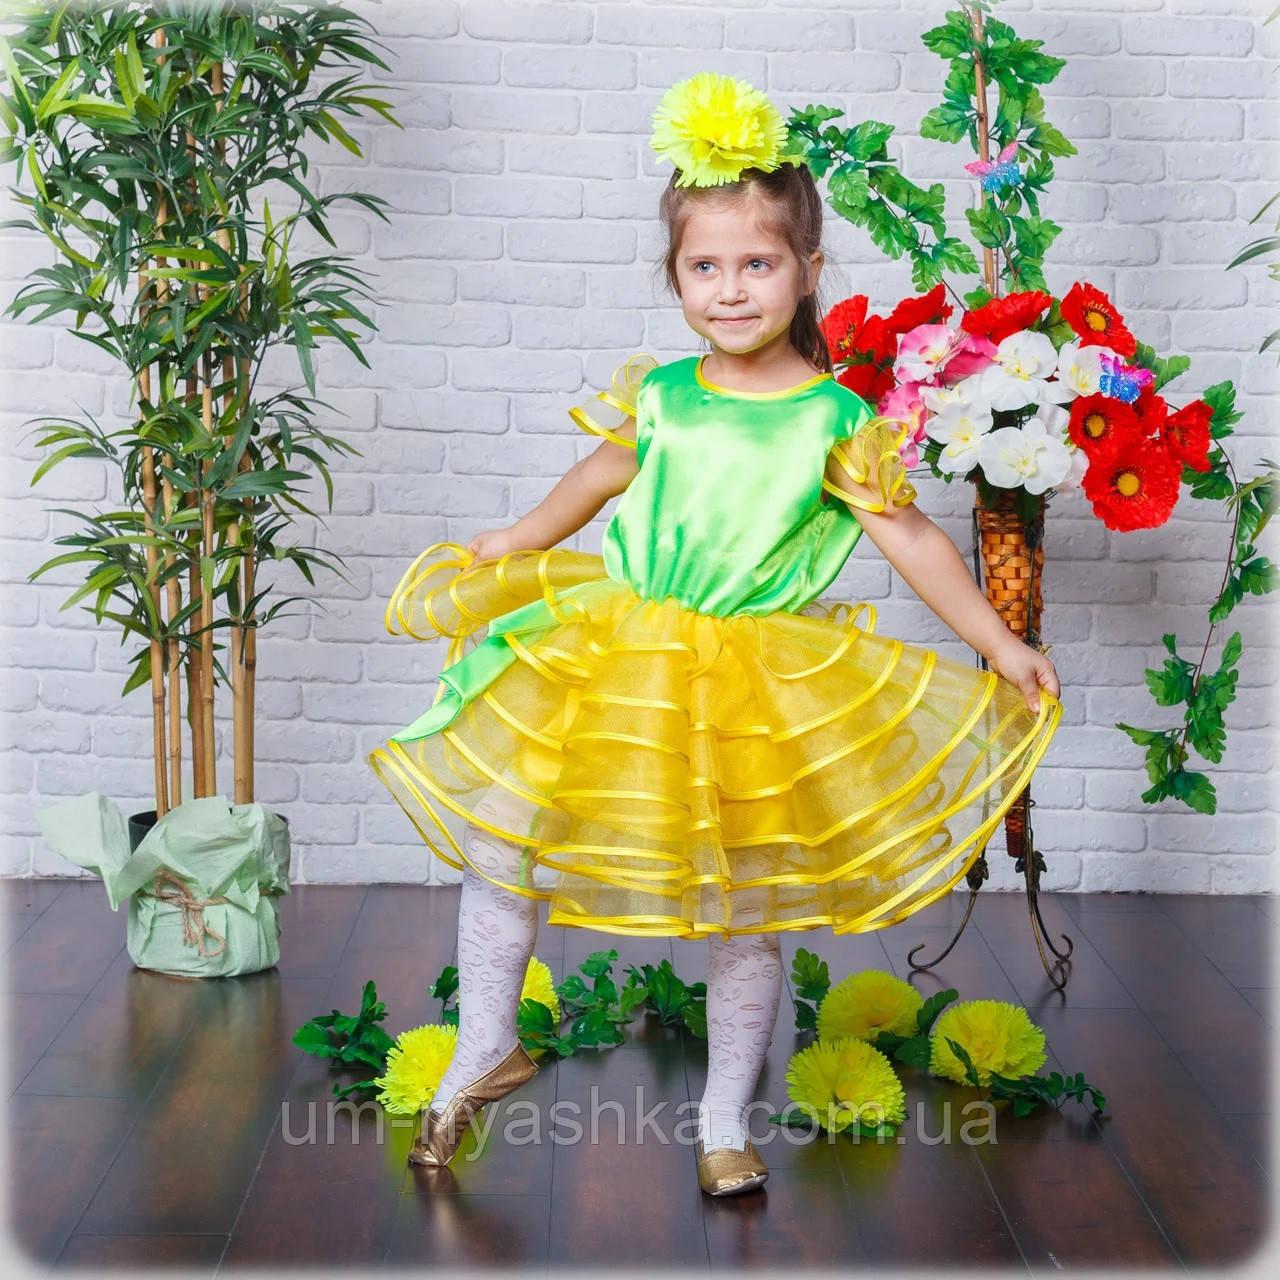 Сценічне дитяче плаття кульбаби